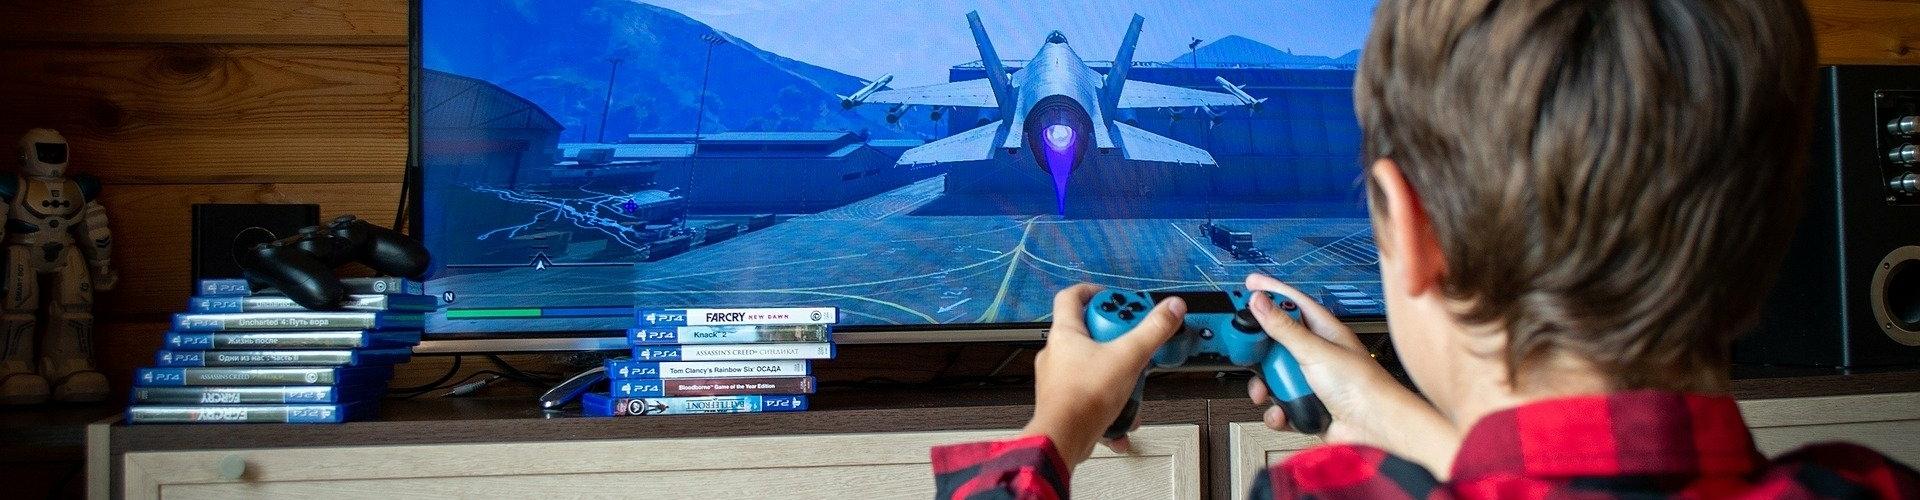 Gameverslaving kinderen